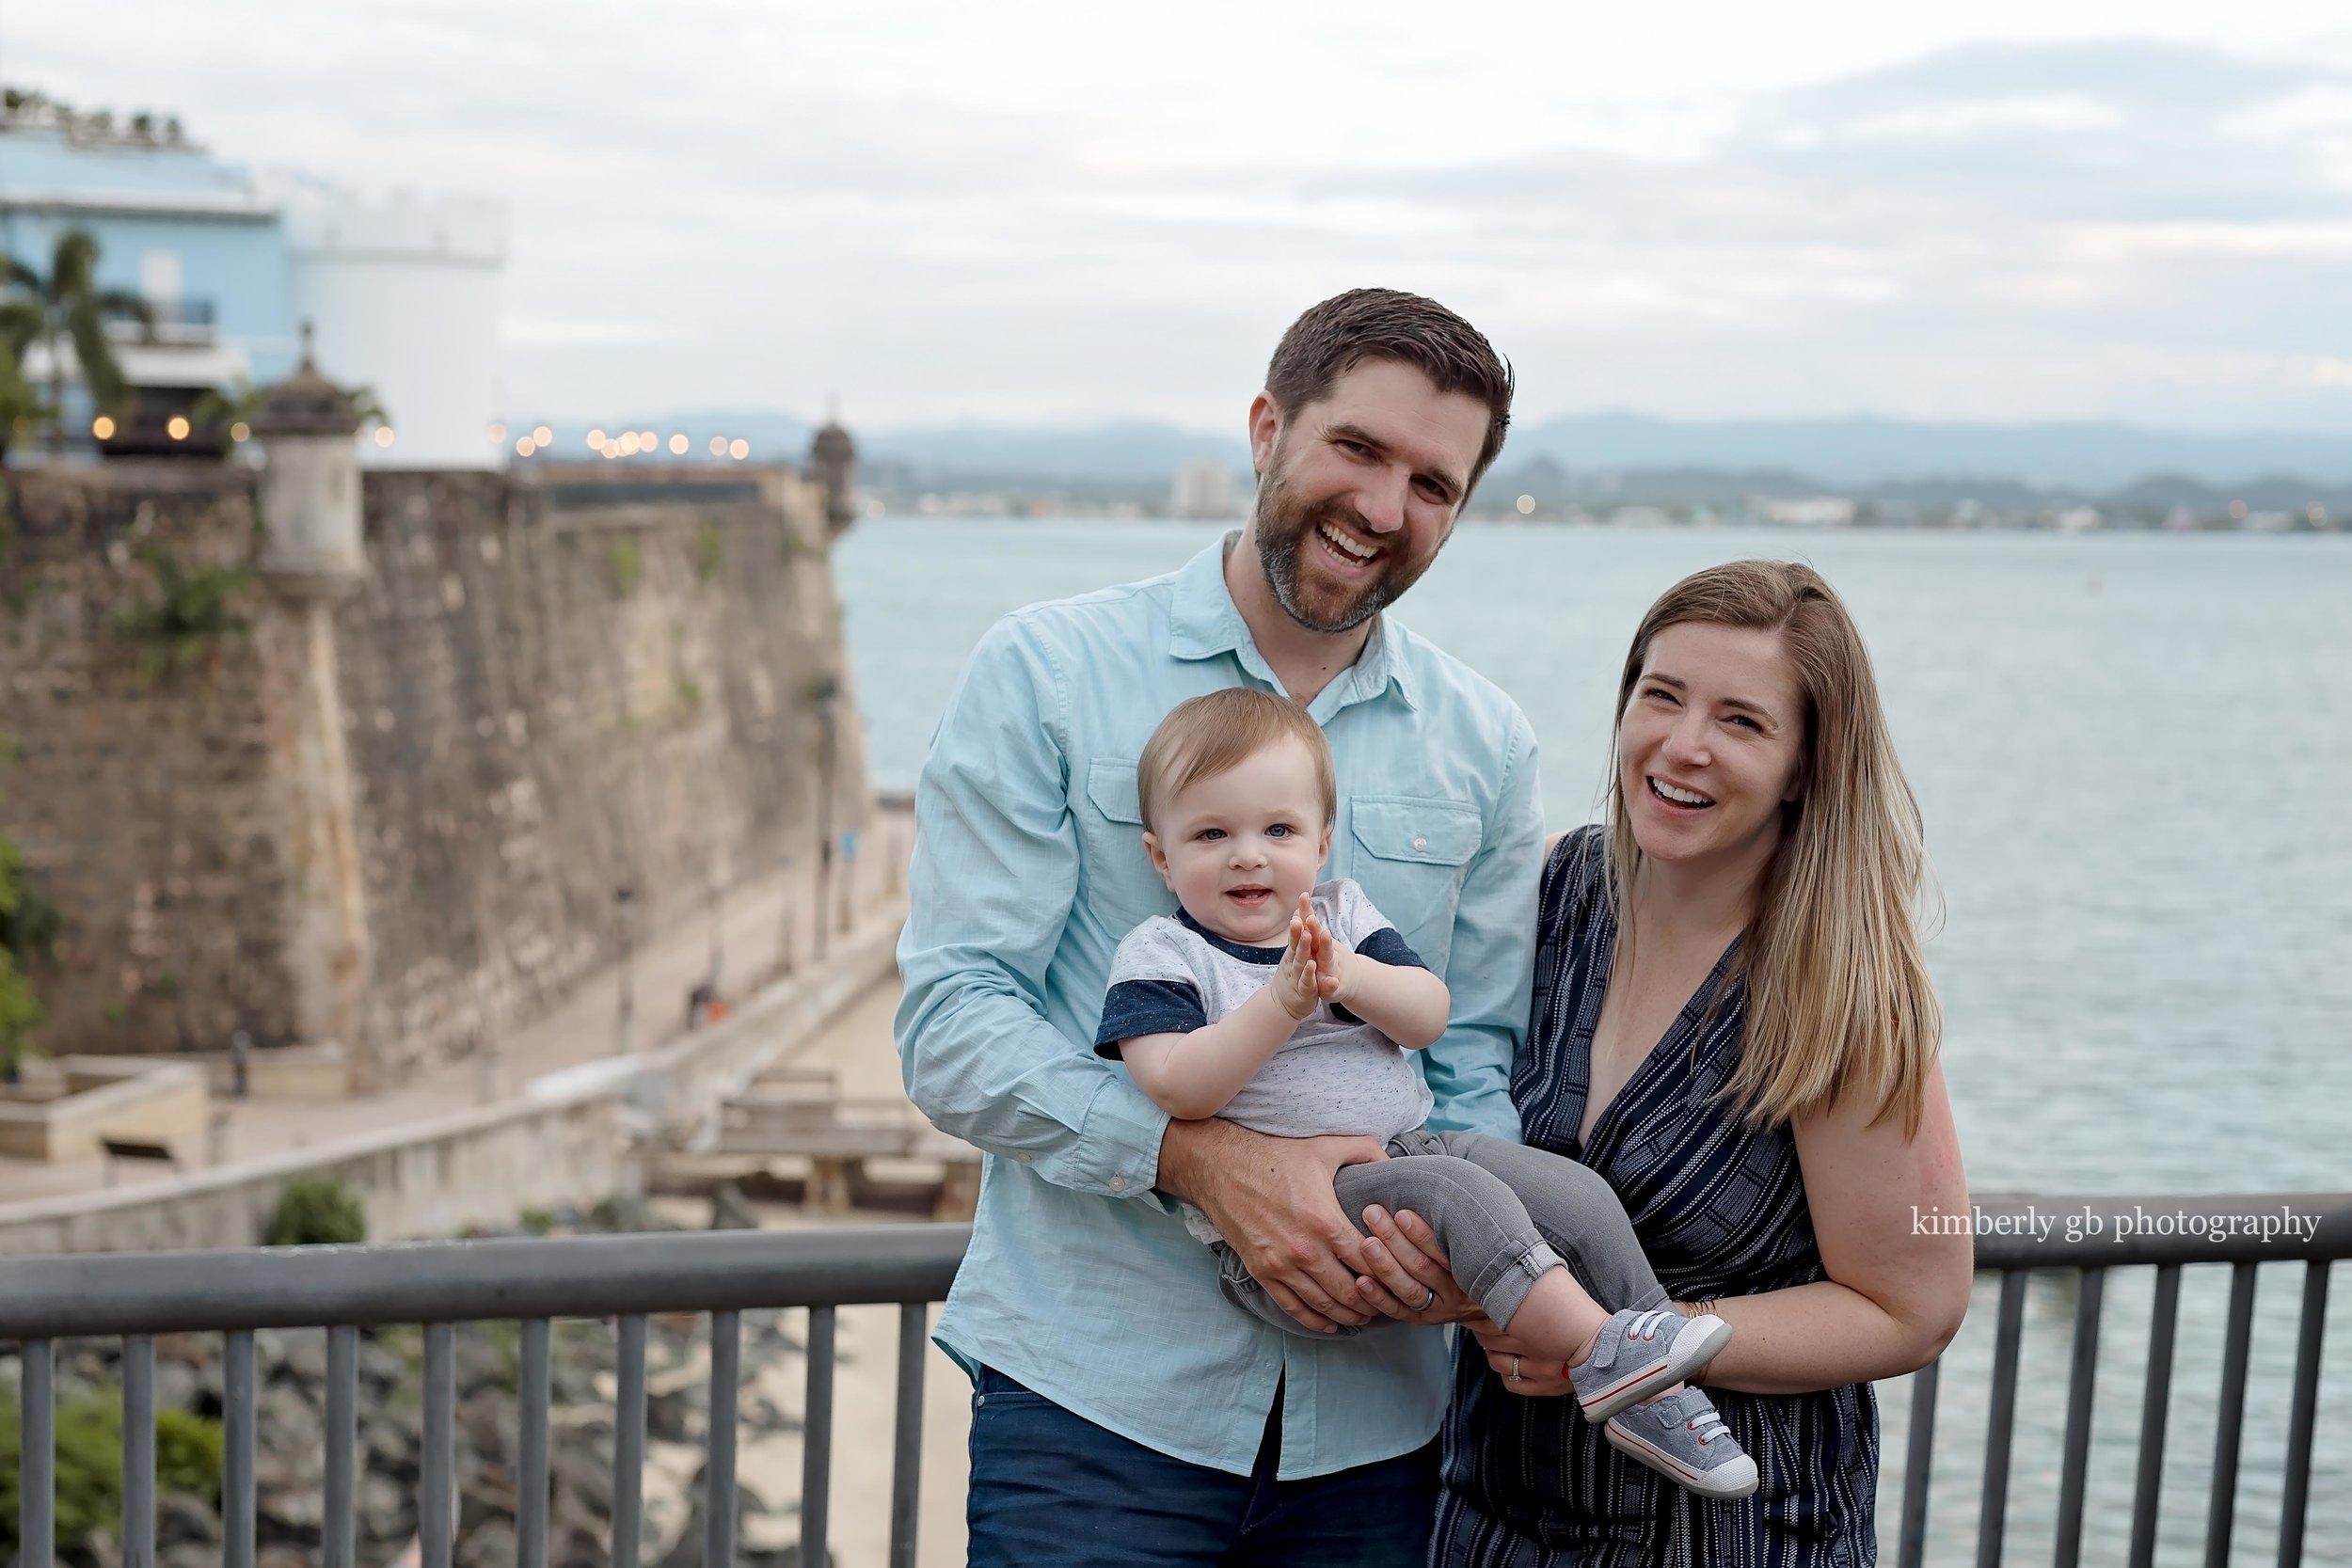 kimberly-gb-photography-fotografa-portrait-retrato-family-familia-puerto-rico-110.jpg